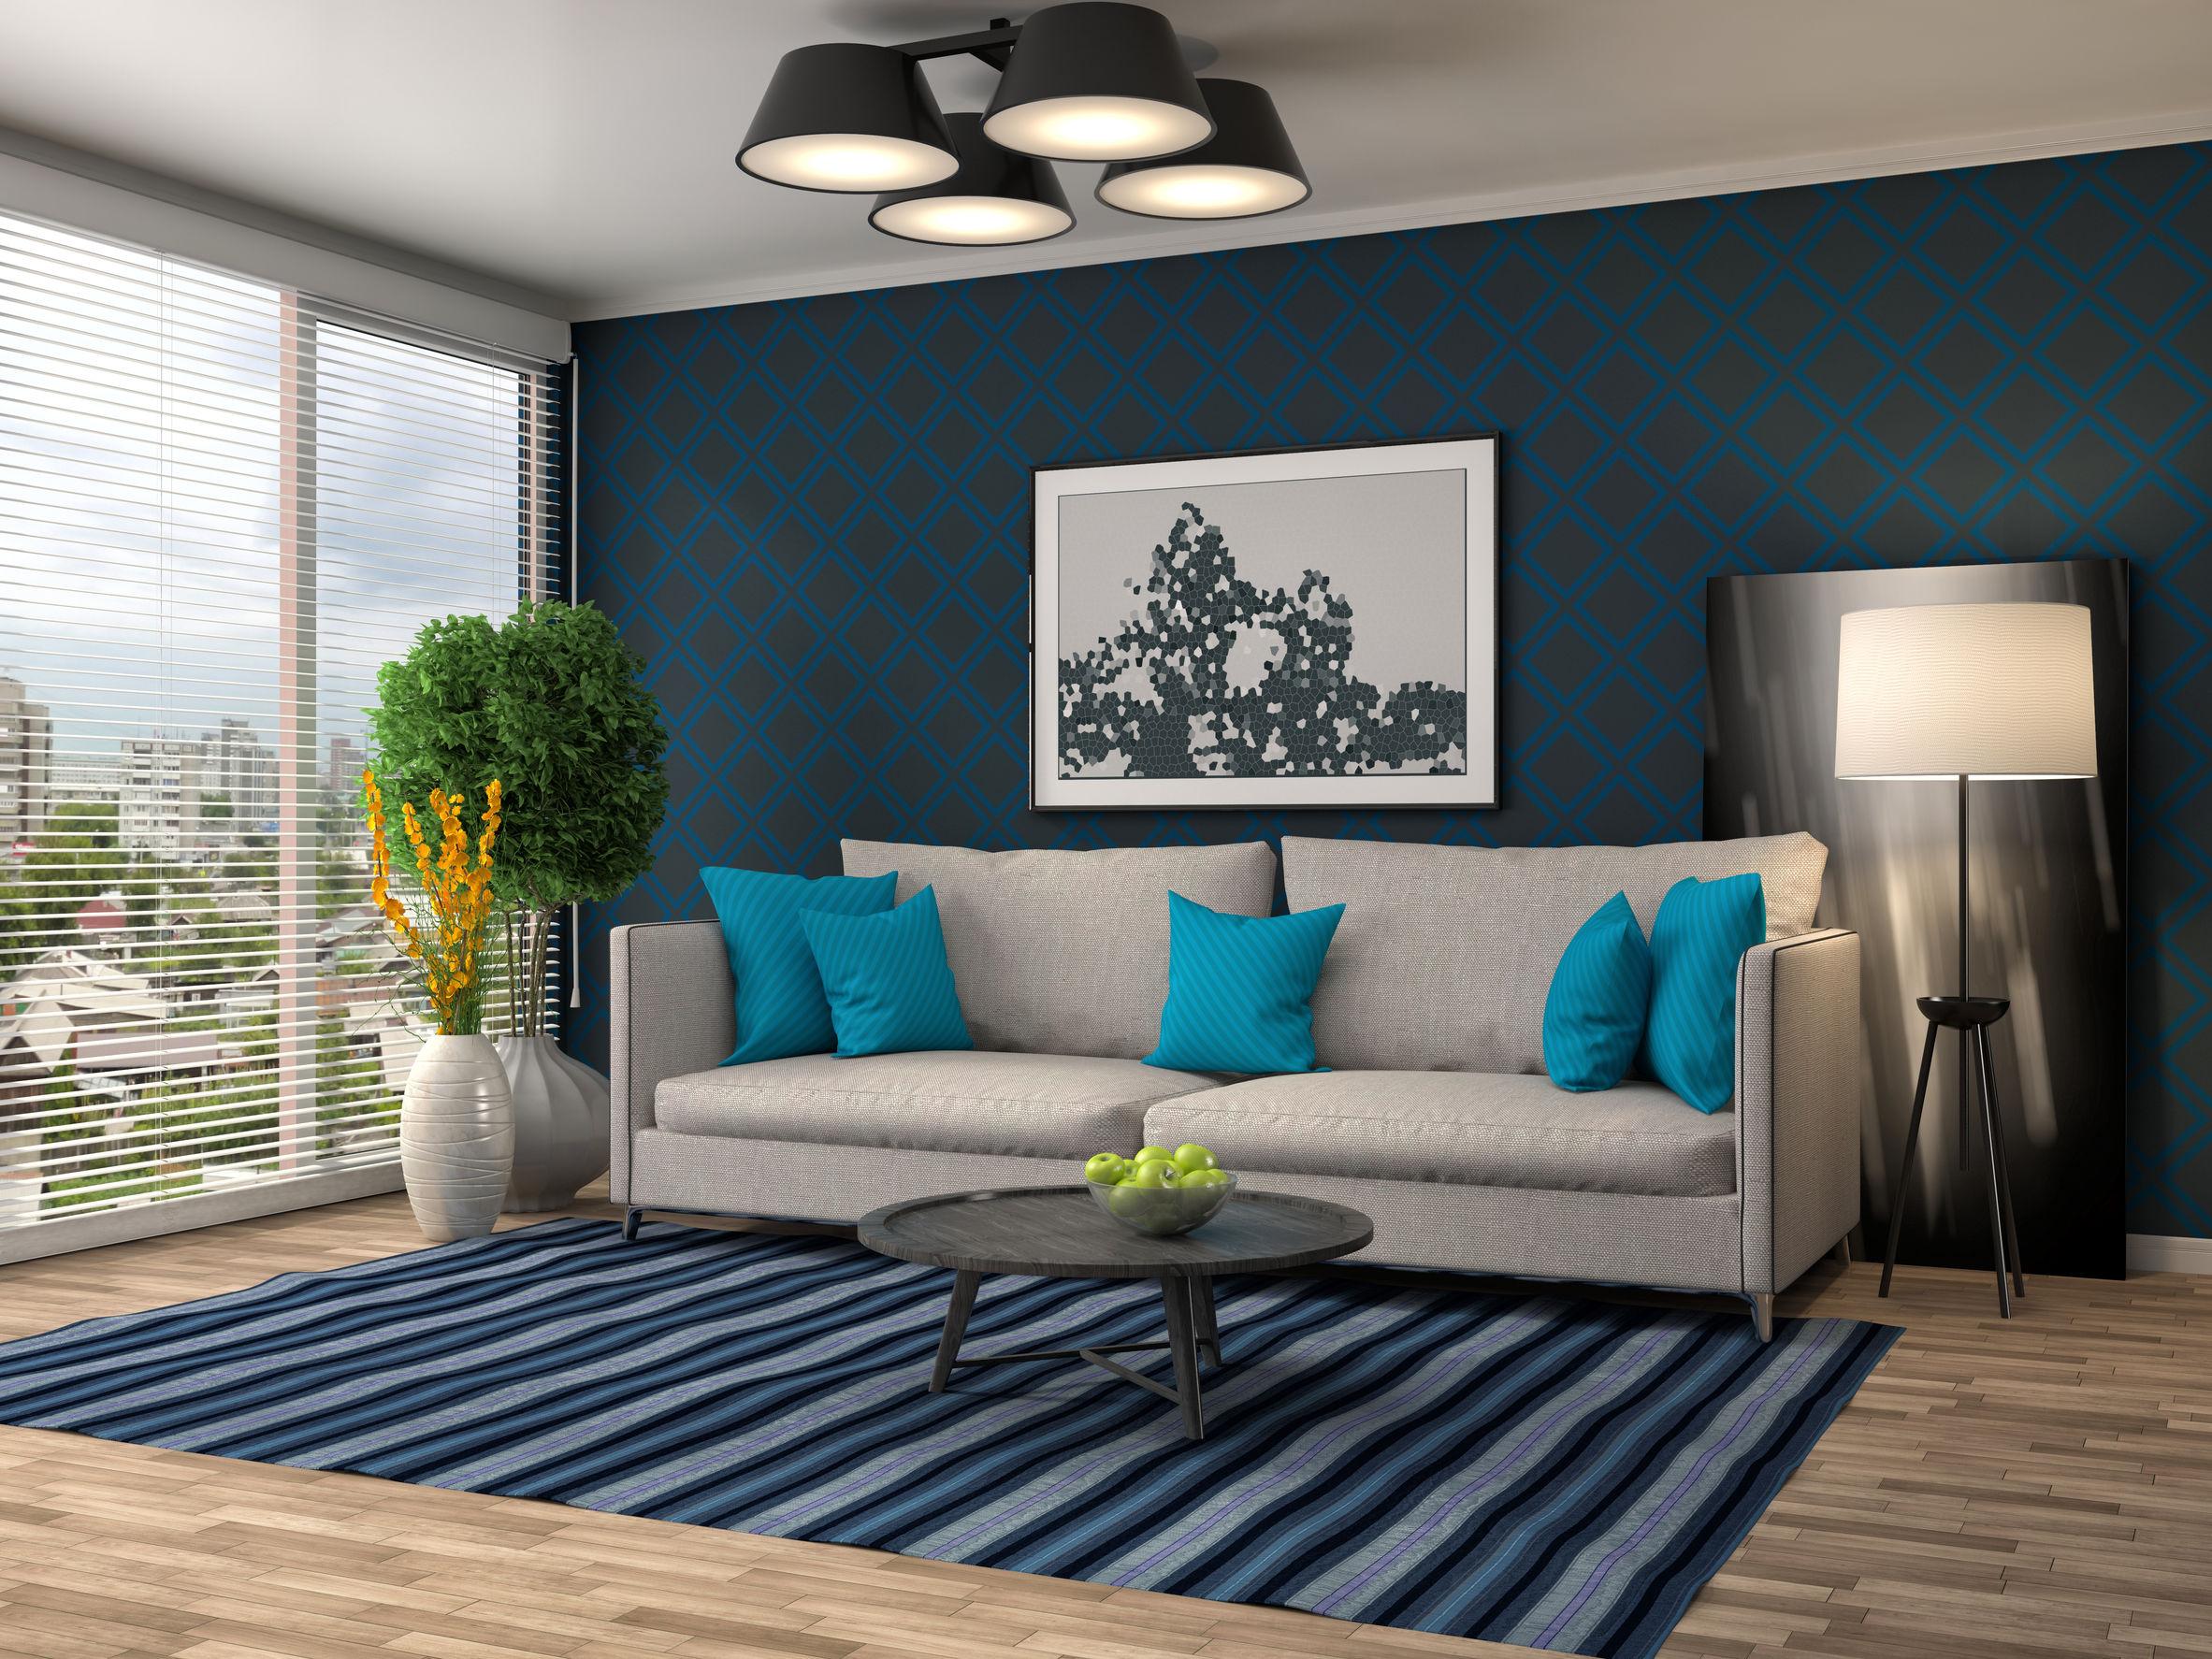 Lampe De Salon Bleu Turquoise | Fauteuil De Salon Fauteuil En Tissu ...